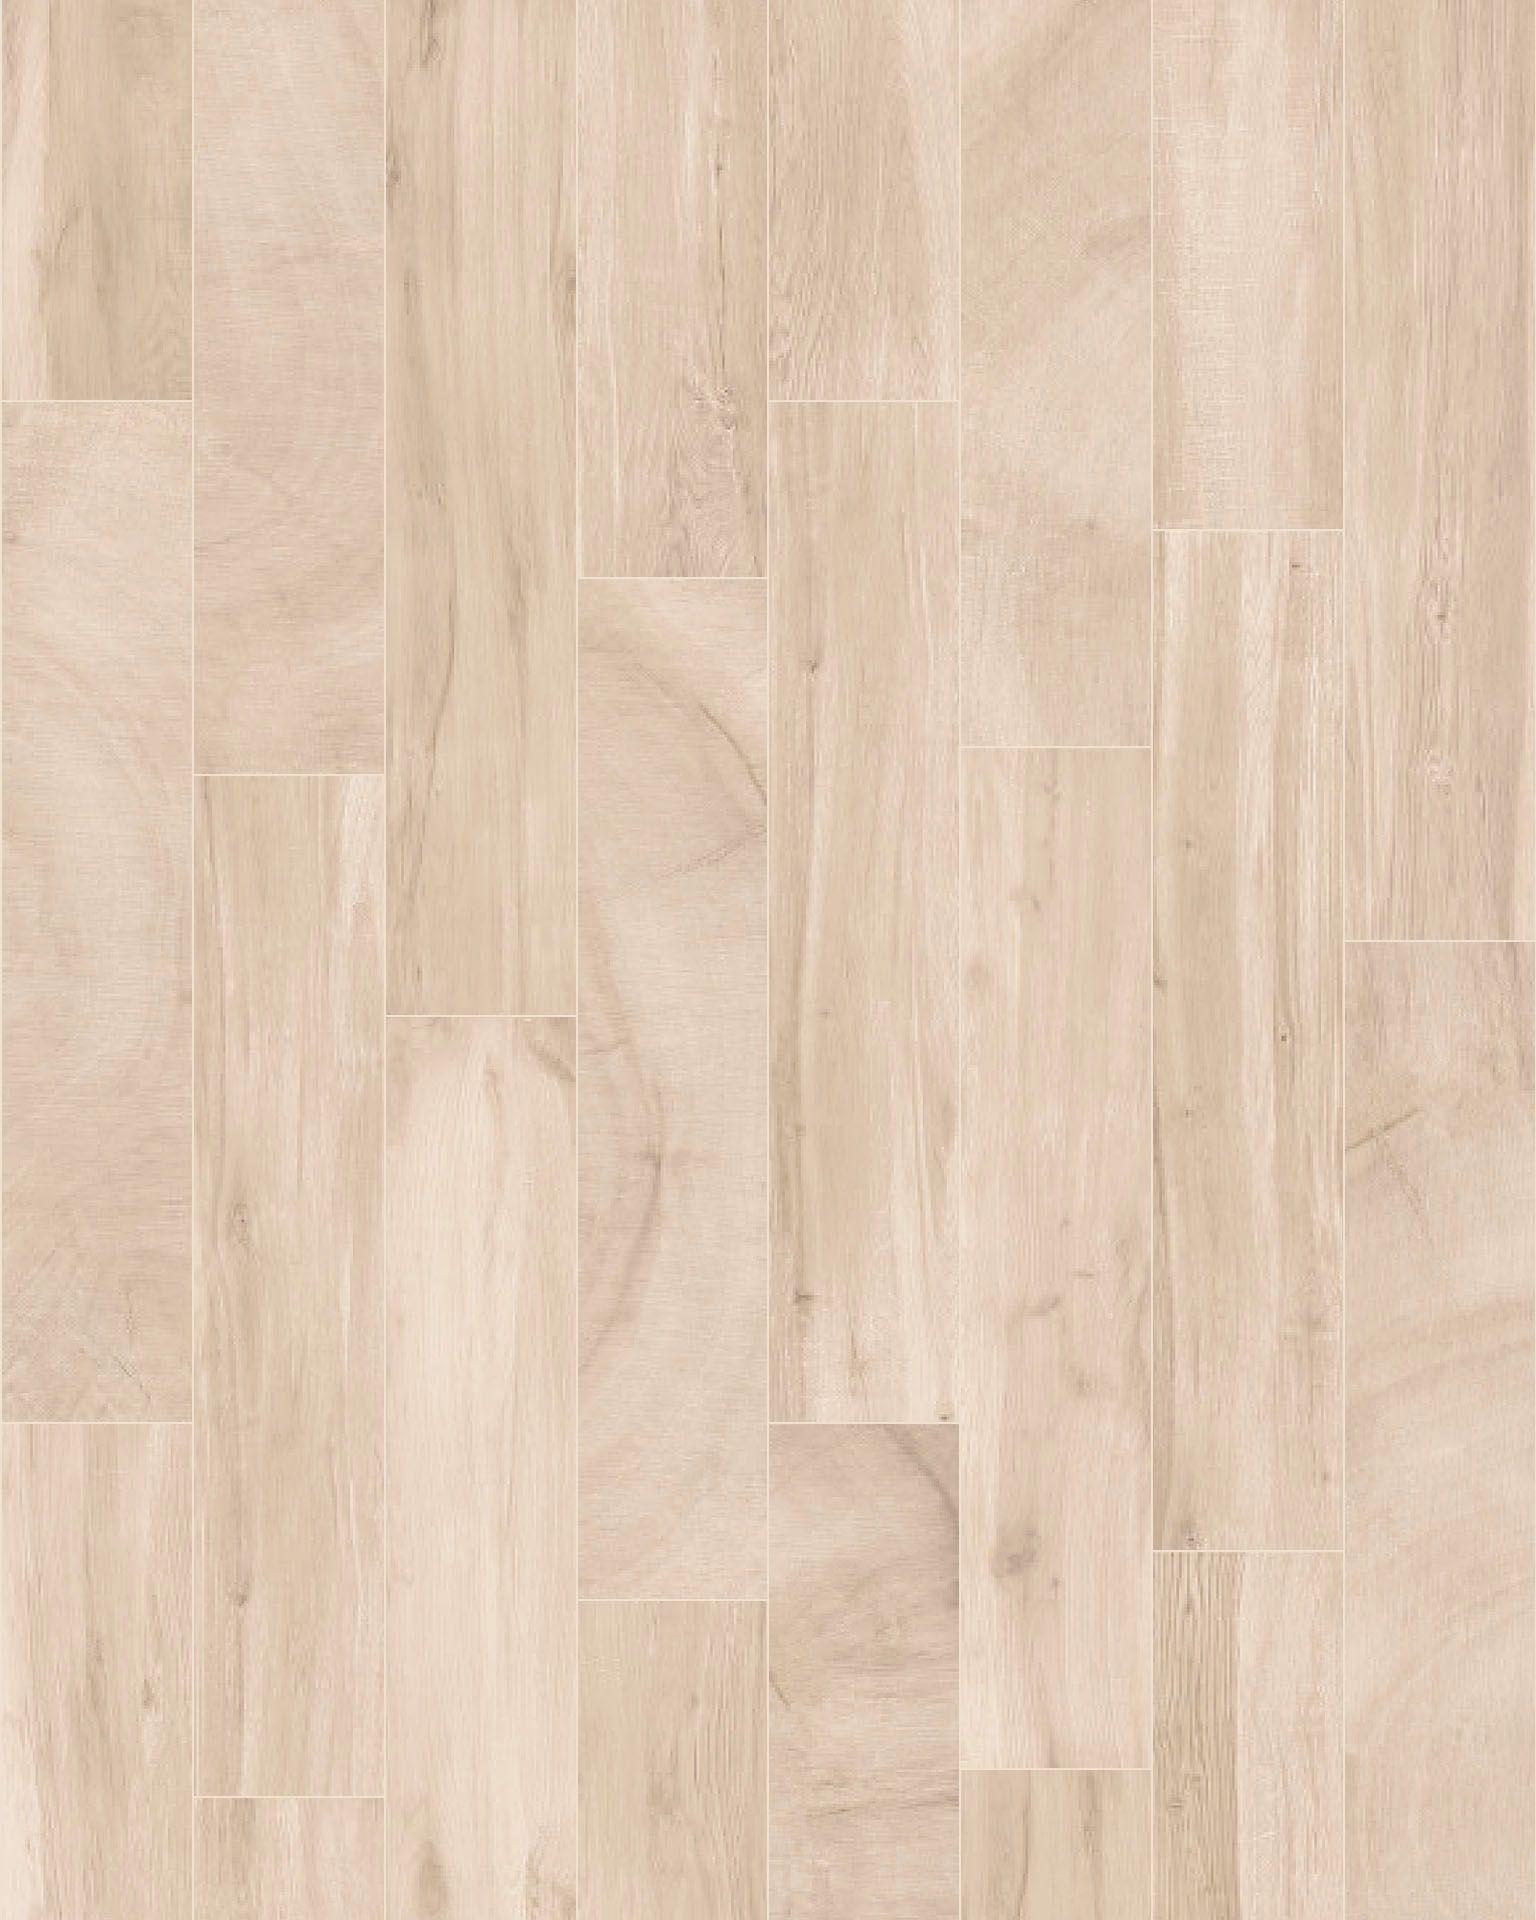 pin on keln wood look tiles